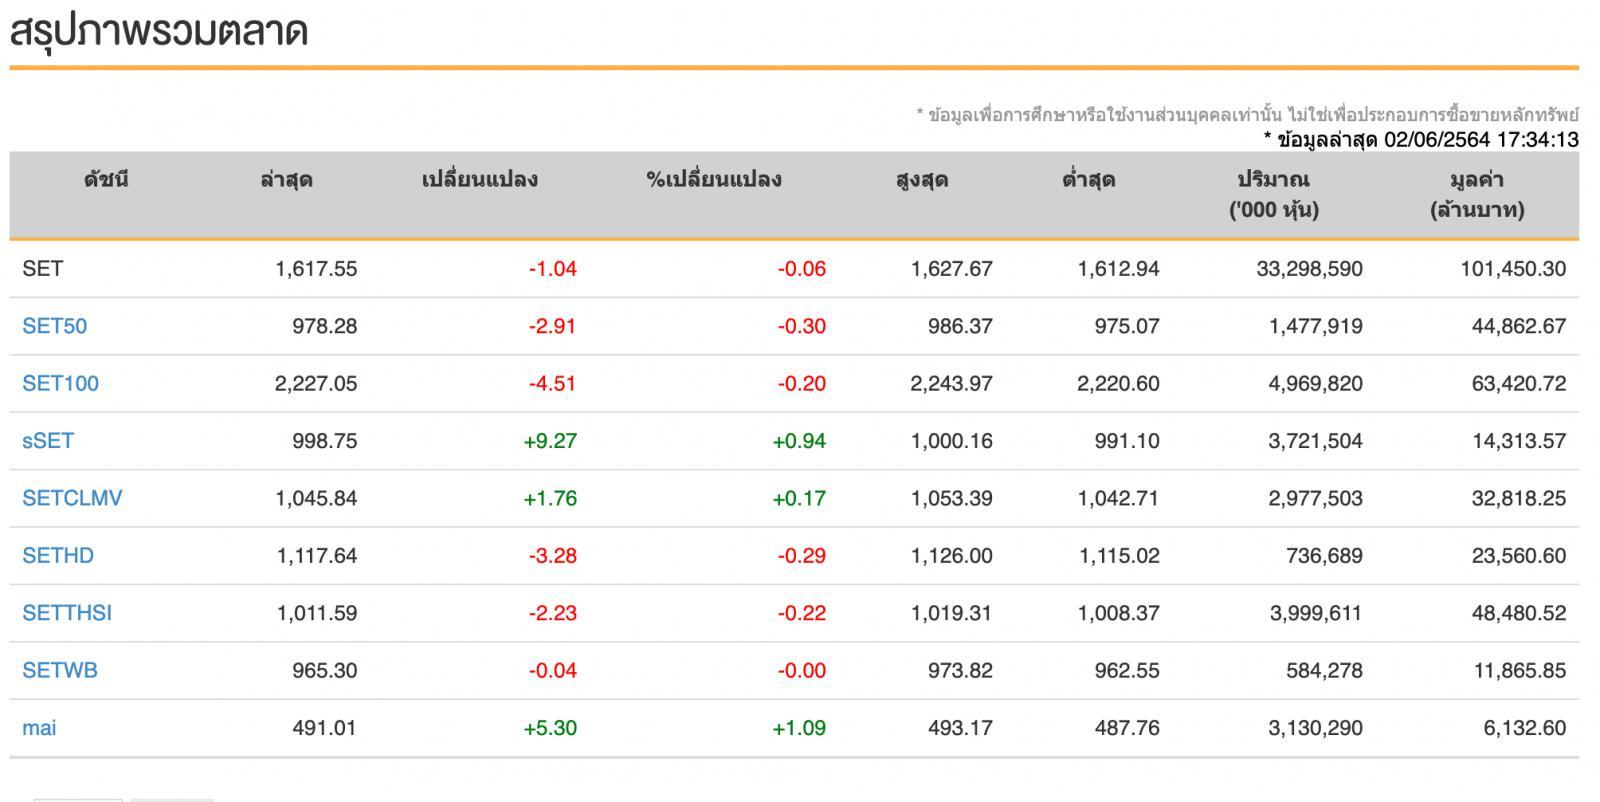 หุ้นไทย (2 มิ.ย.64) ปิดการซื้อขาย 1,617.55 จุด ลดลง -1.04 จุด